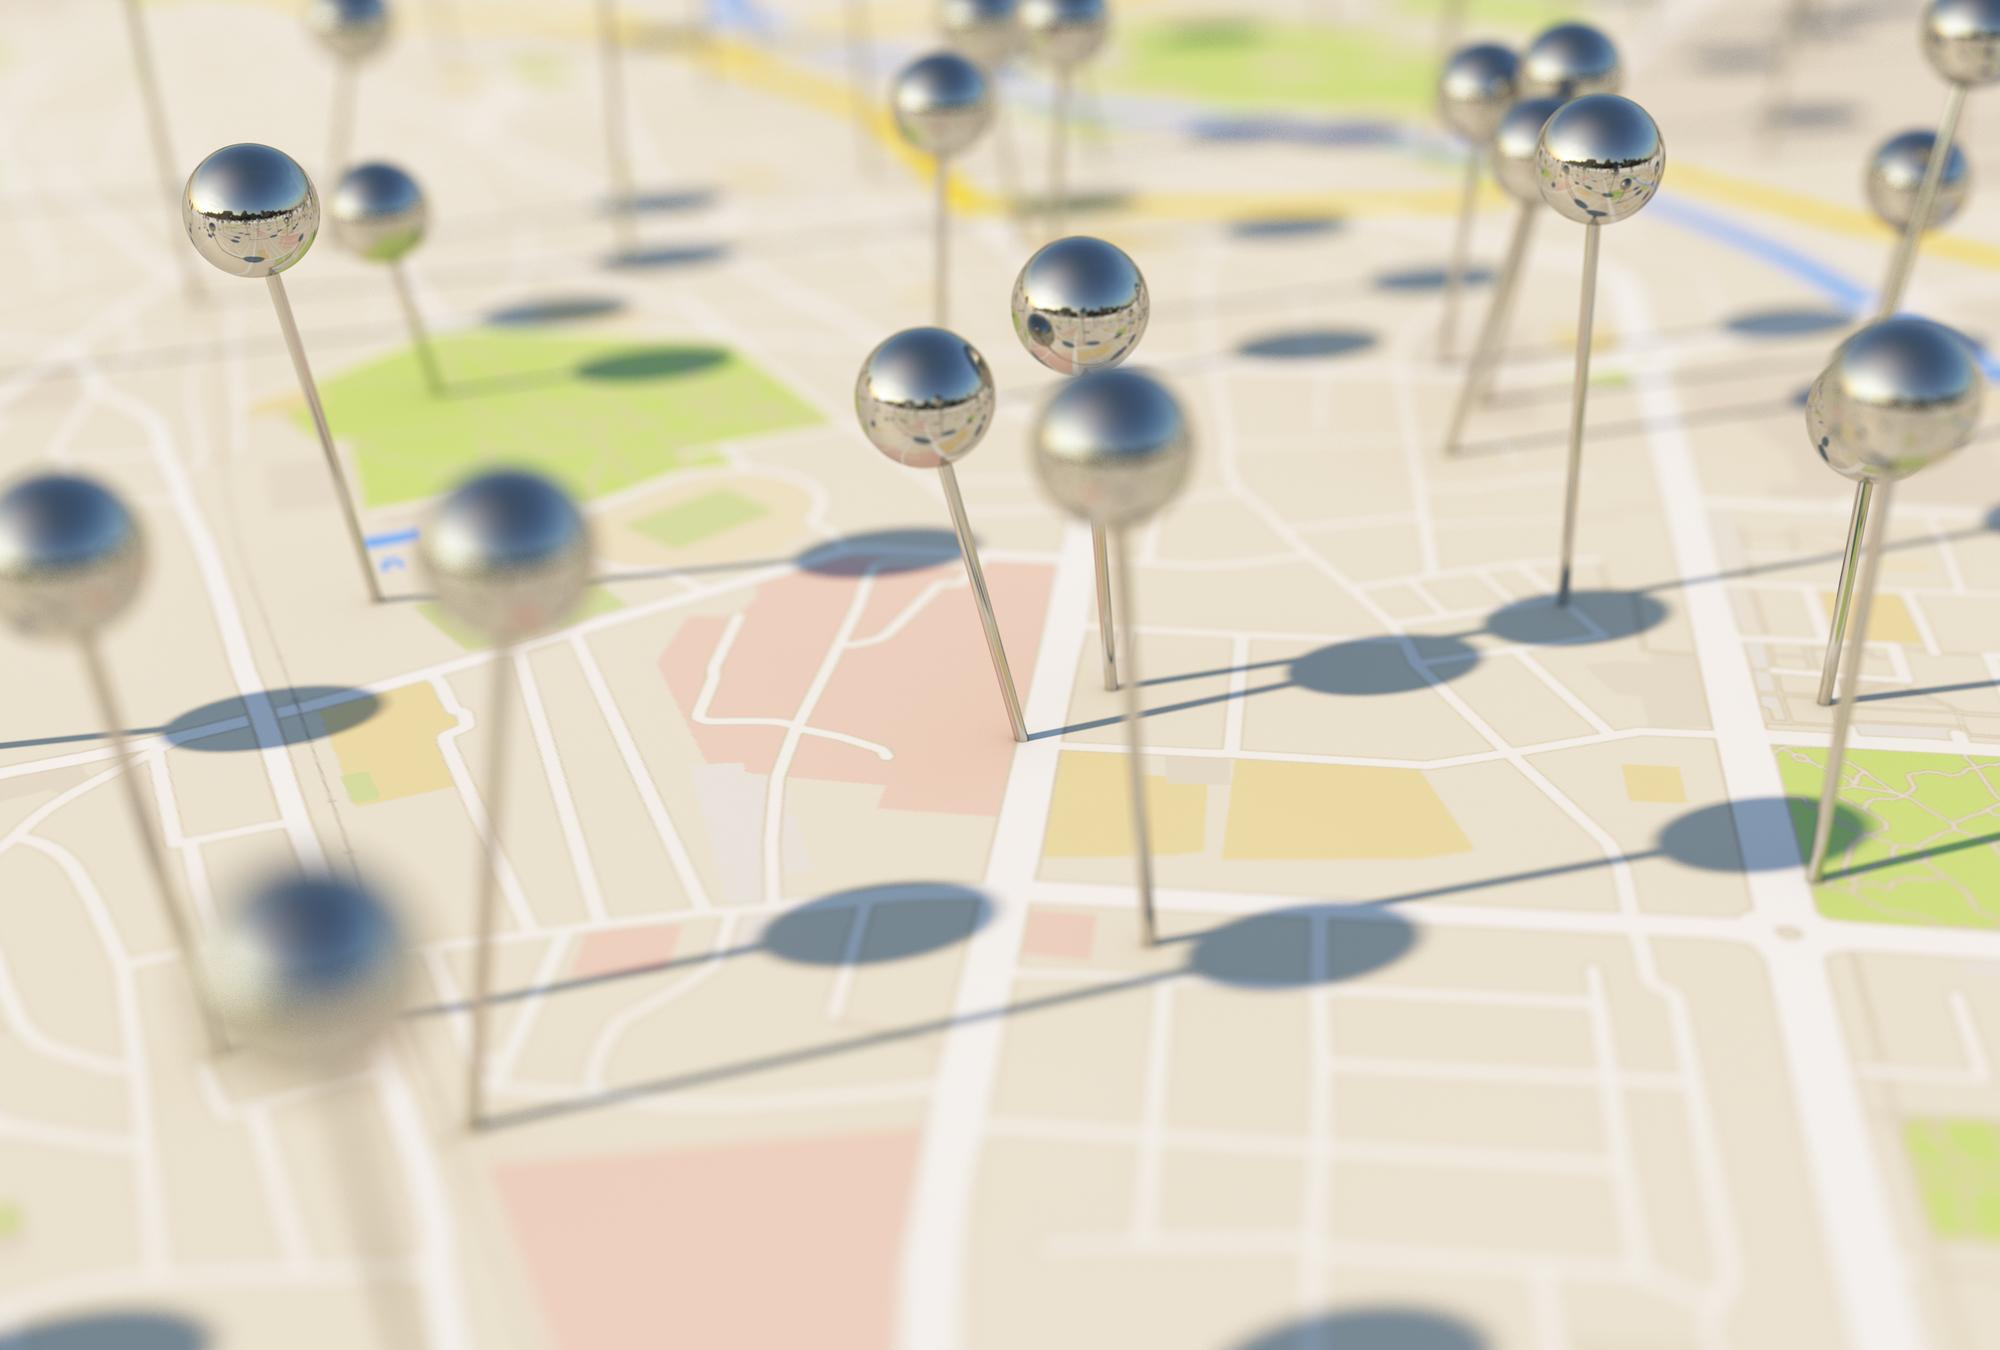 Mobile App Roadmap